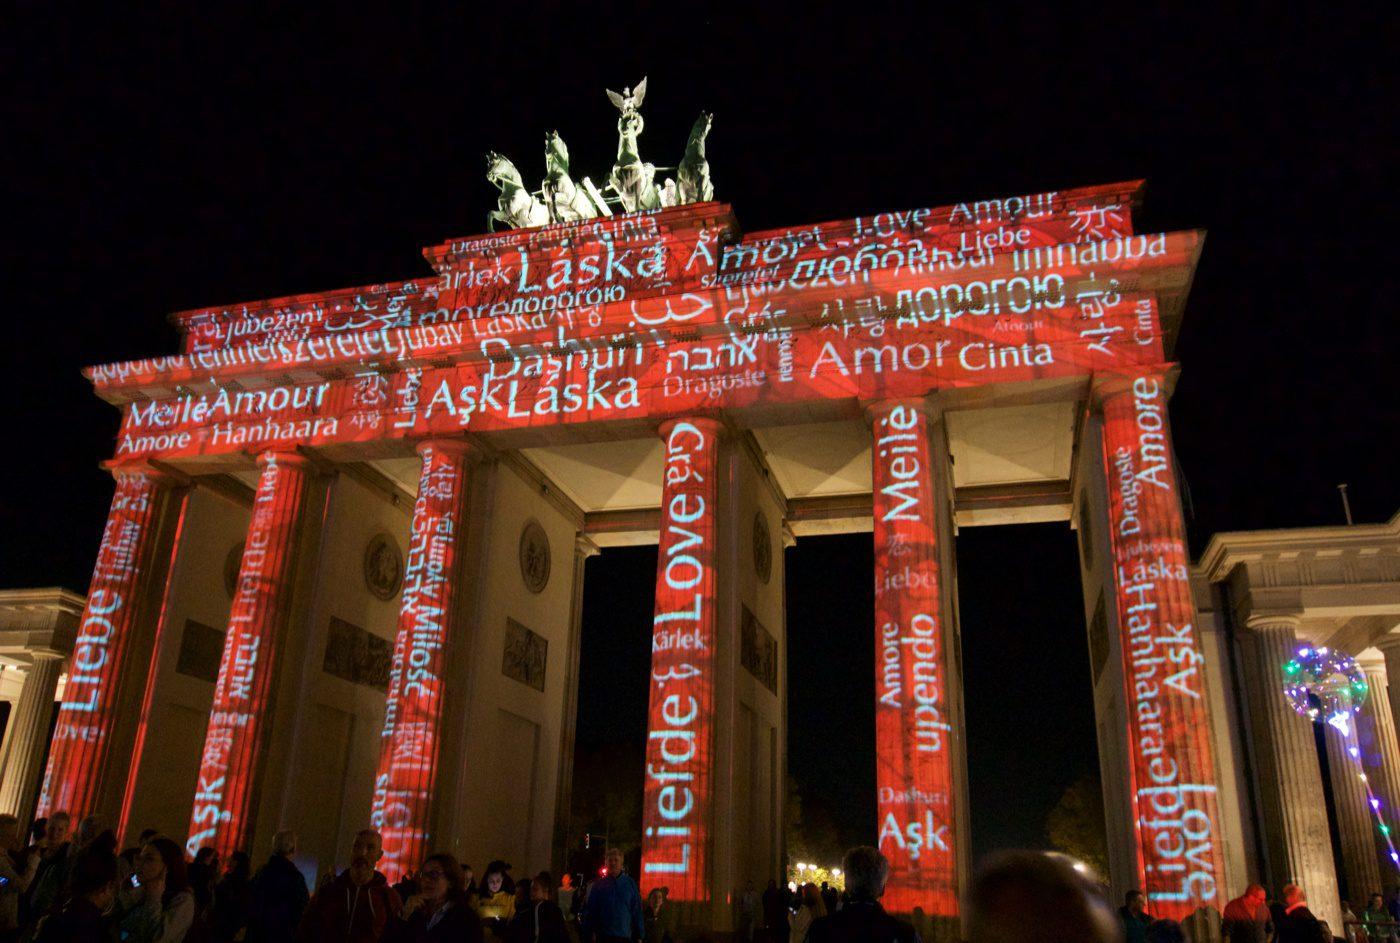 Brandenburg Gate lit up with words. Berlin, Germany: Teacher Fellowships for Social Studies Travel